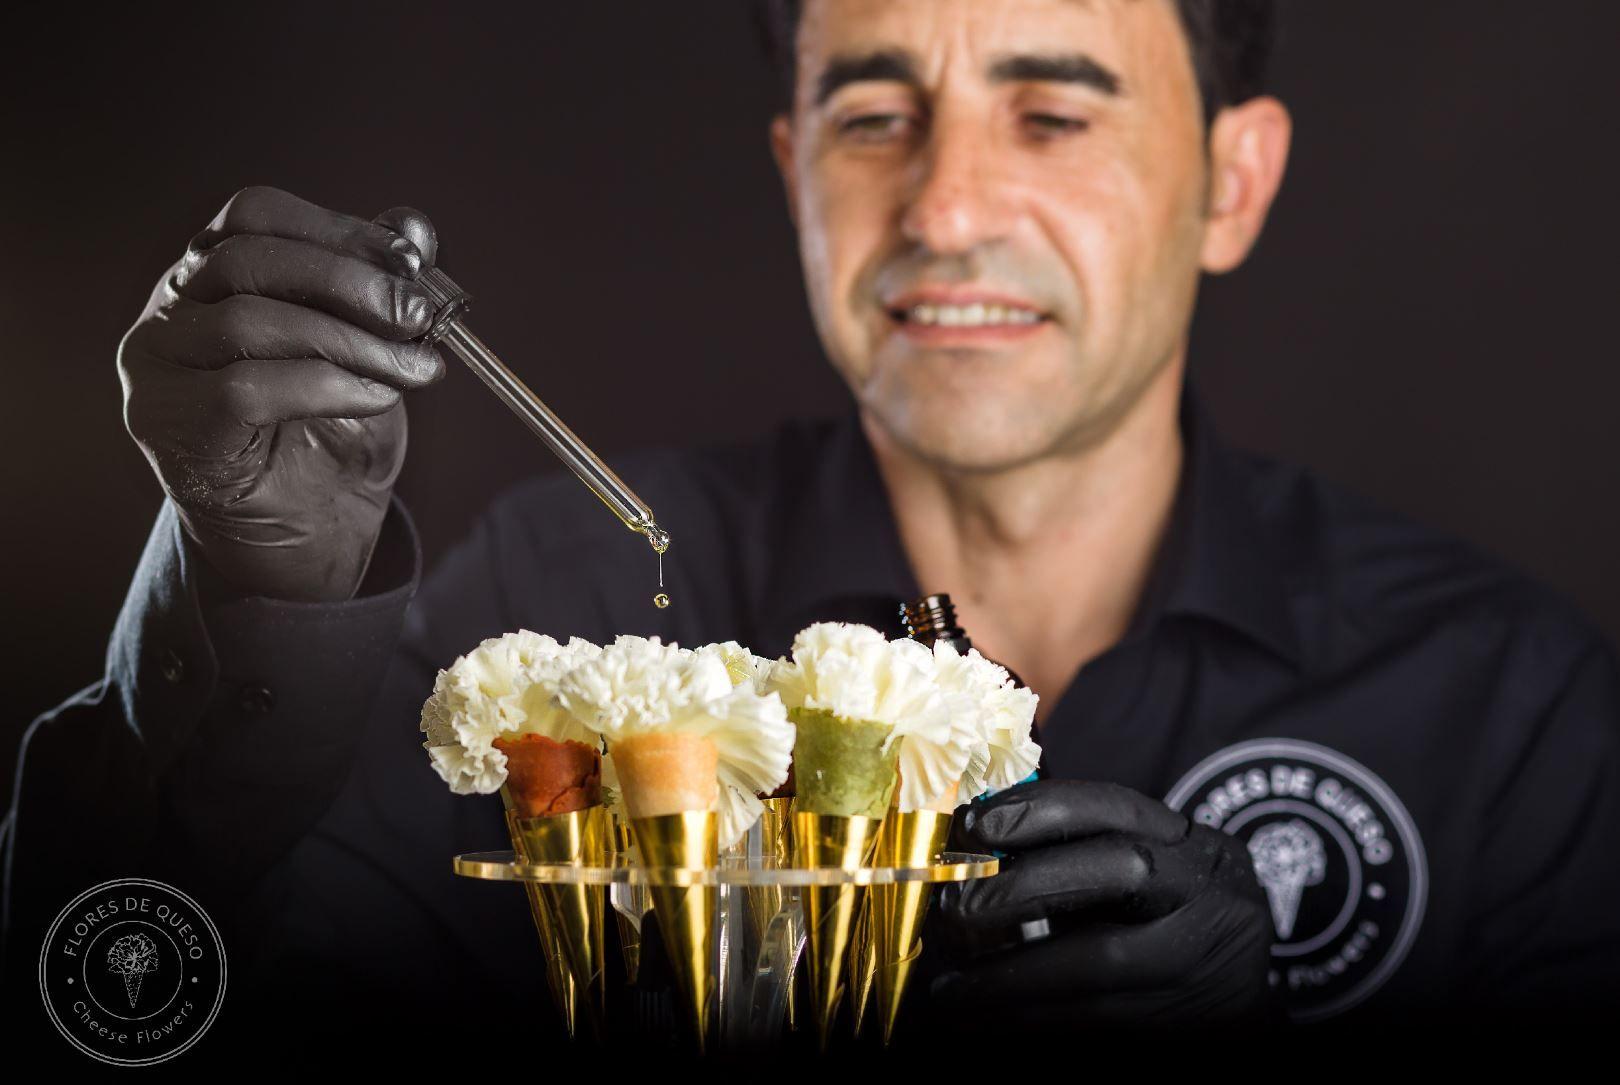 La Asociación Española del Lujo da la bienvenida a Flores de Queso